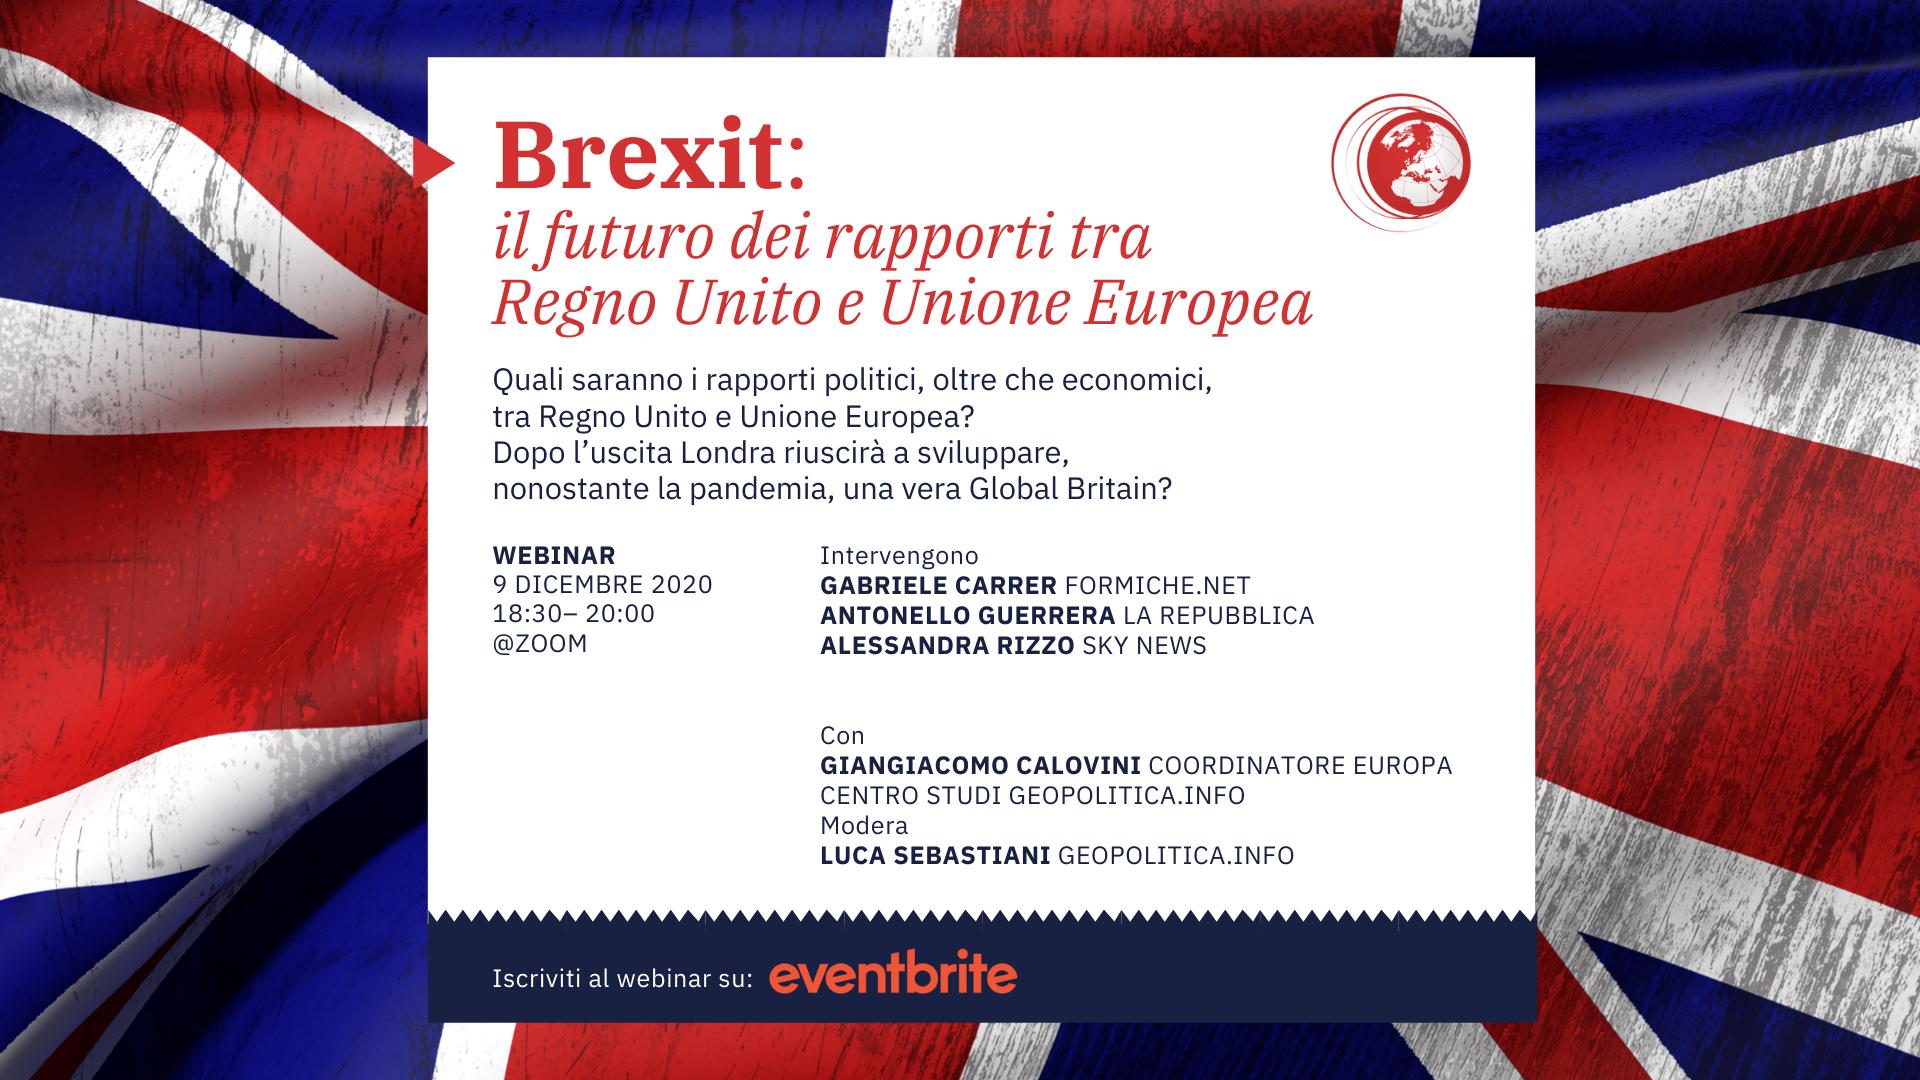 Brexit: il futuro dei rapporti tra Regno Unito e Unione Europea- 9 dicembre 2020, ore 18.30-  Webinar @zoom - Geopolitica.info